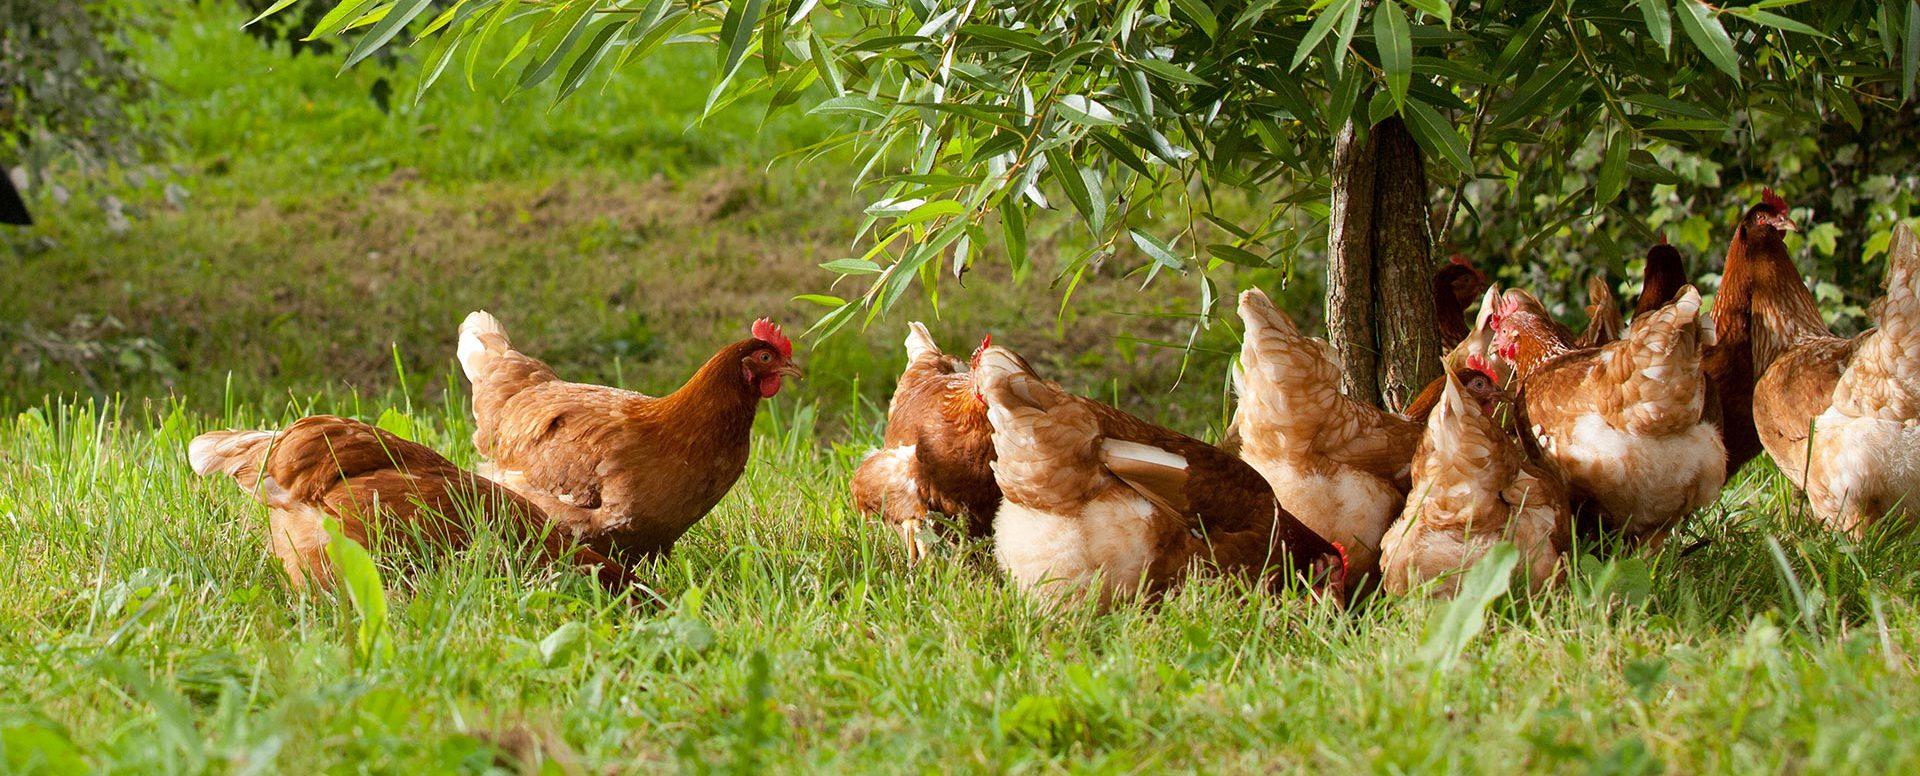 Happy Hens - Happy Egg Happy Egg